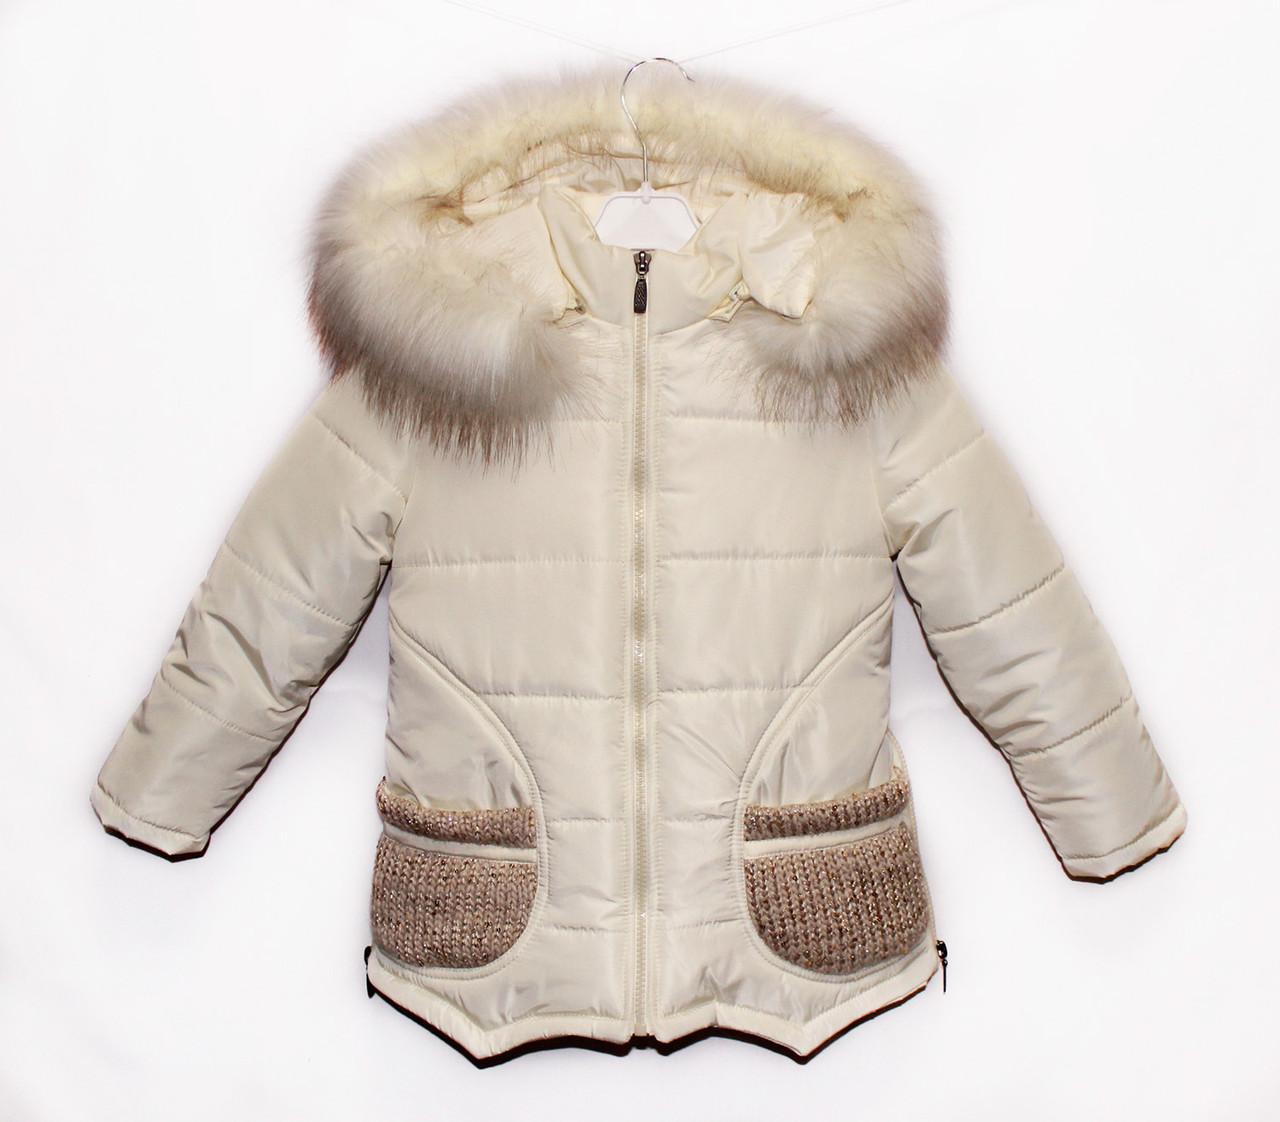 Курточки детские на зиму для девочки Вязка